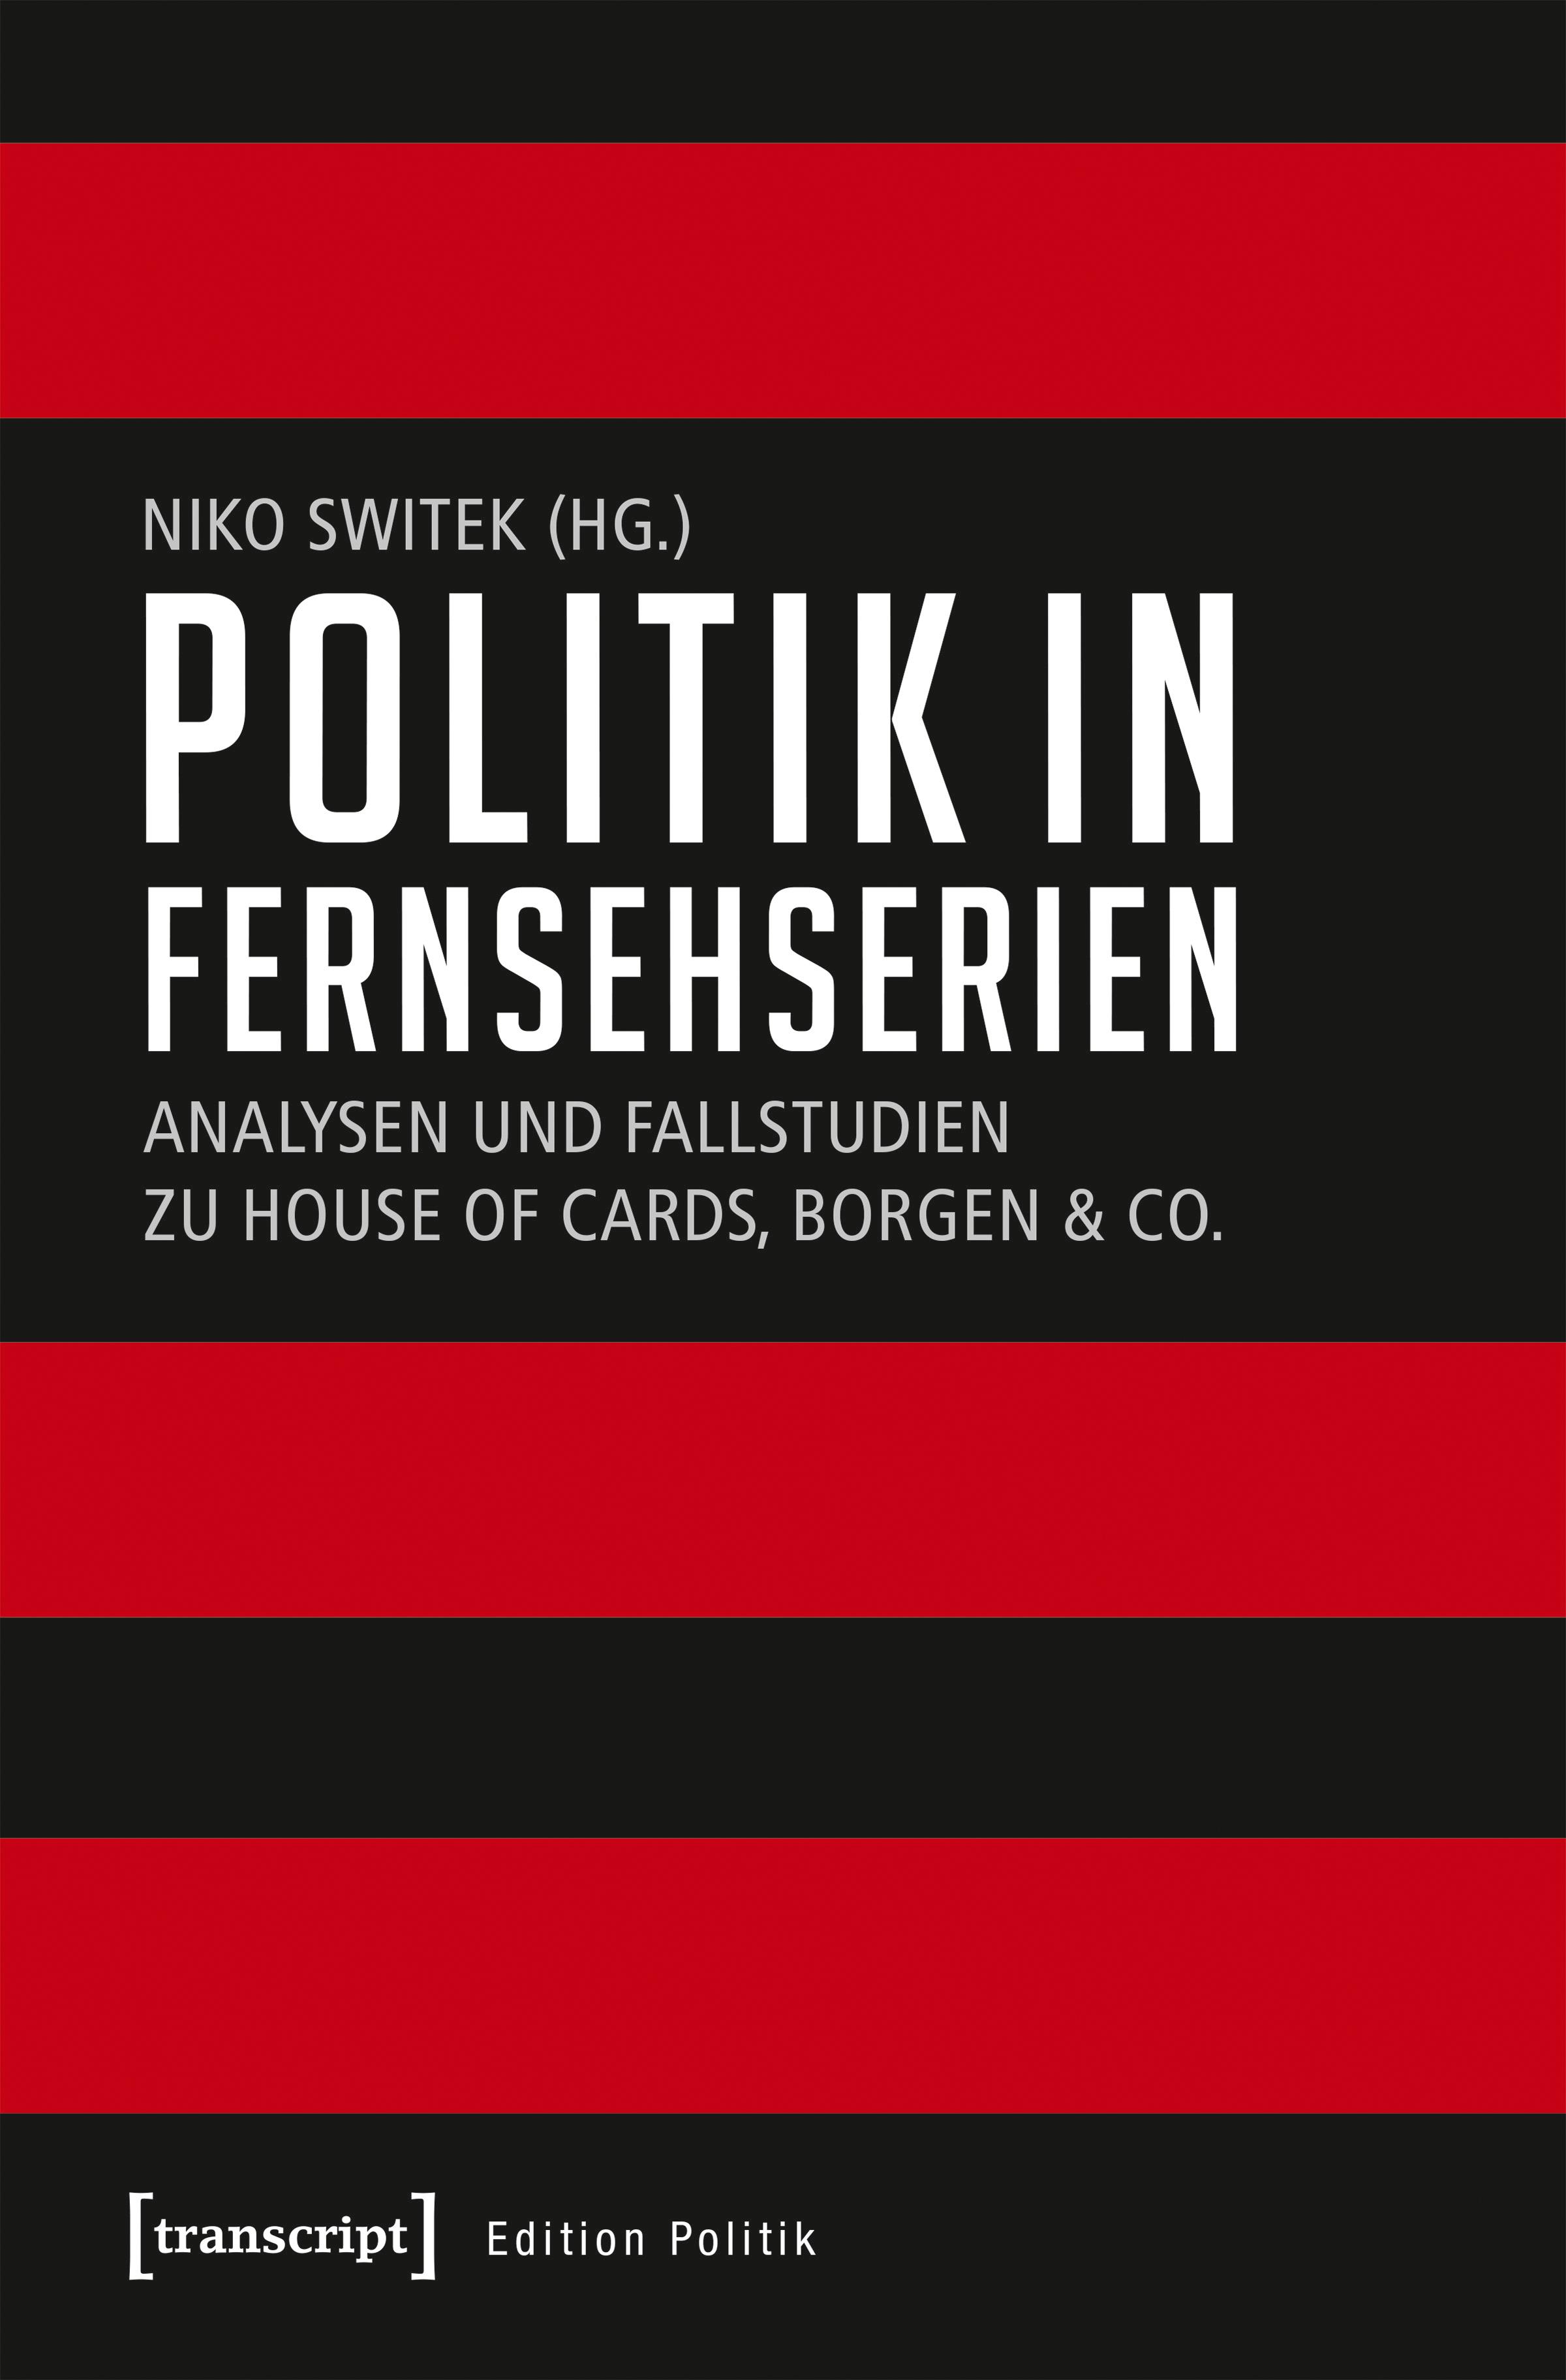 Politik in Serien